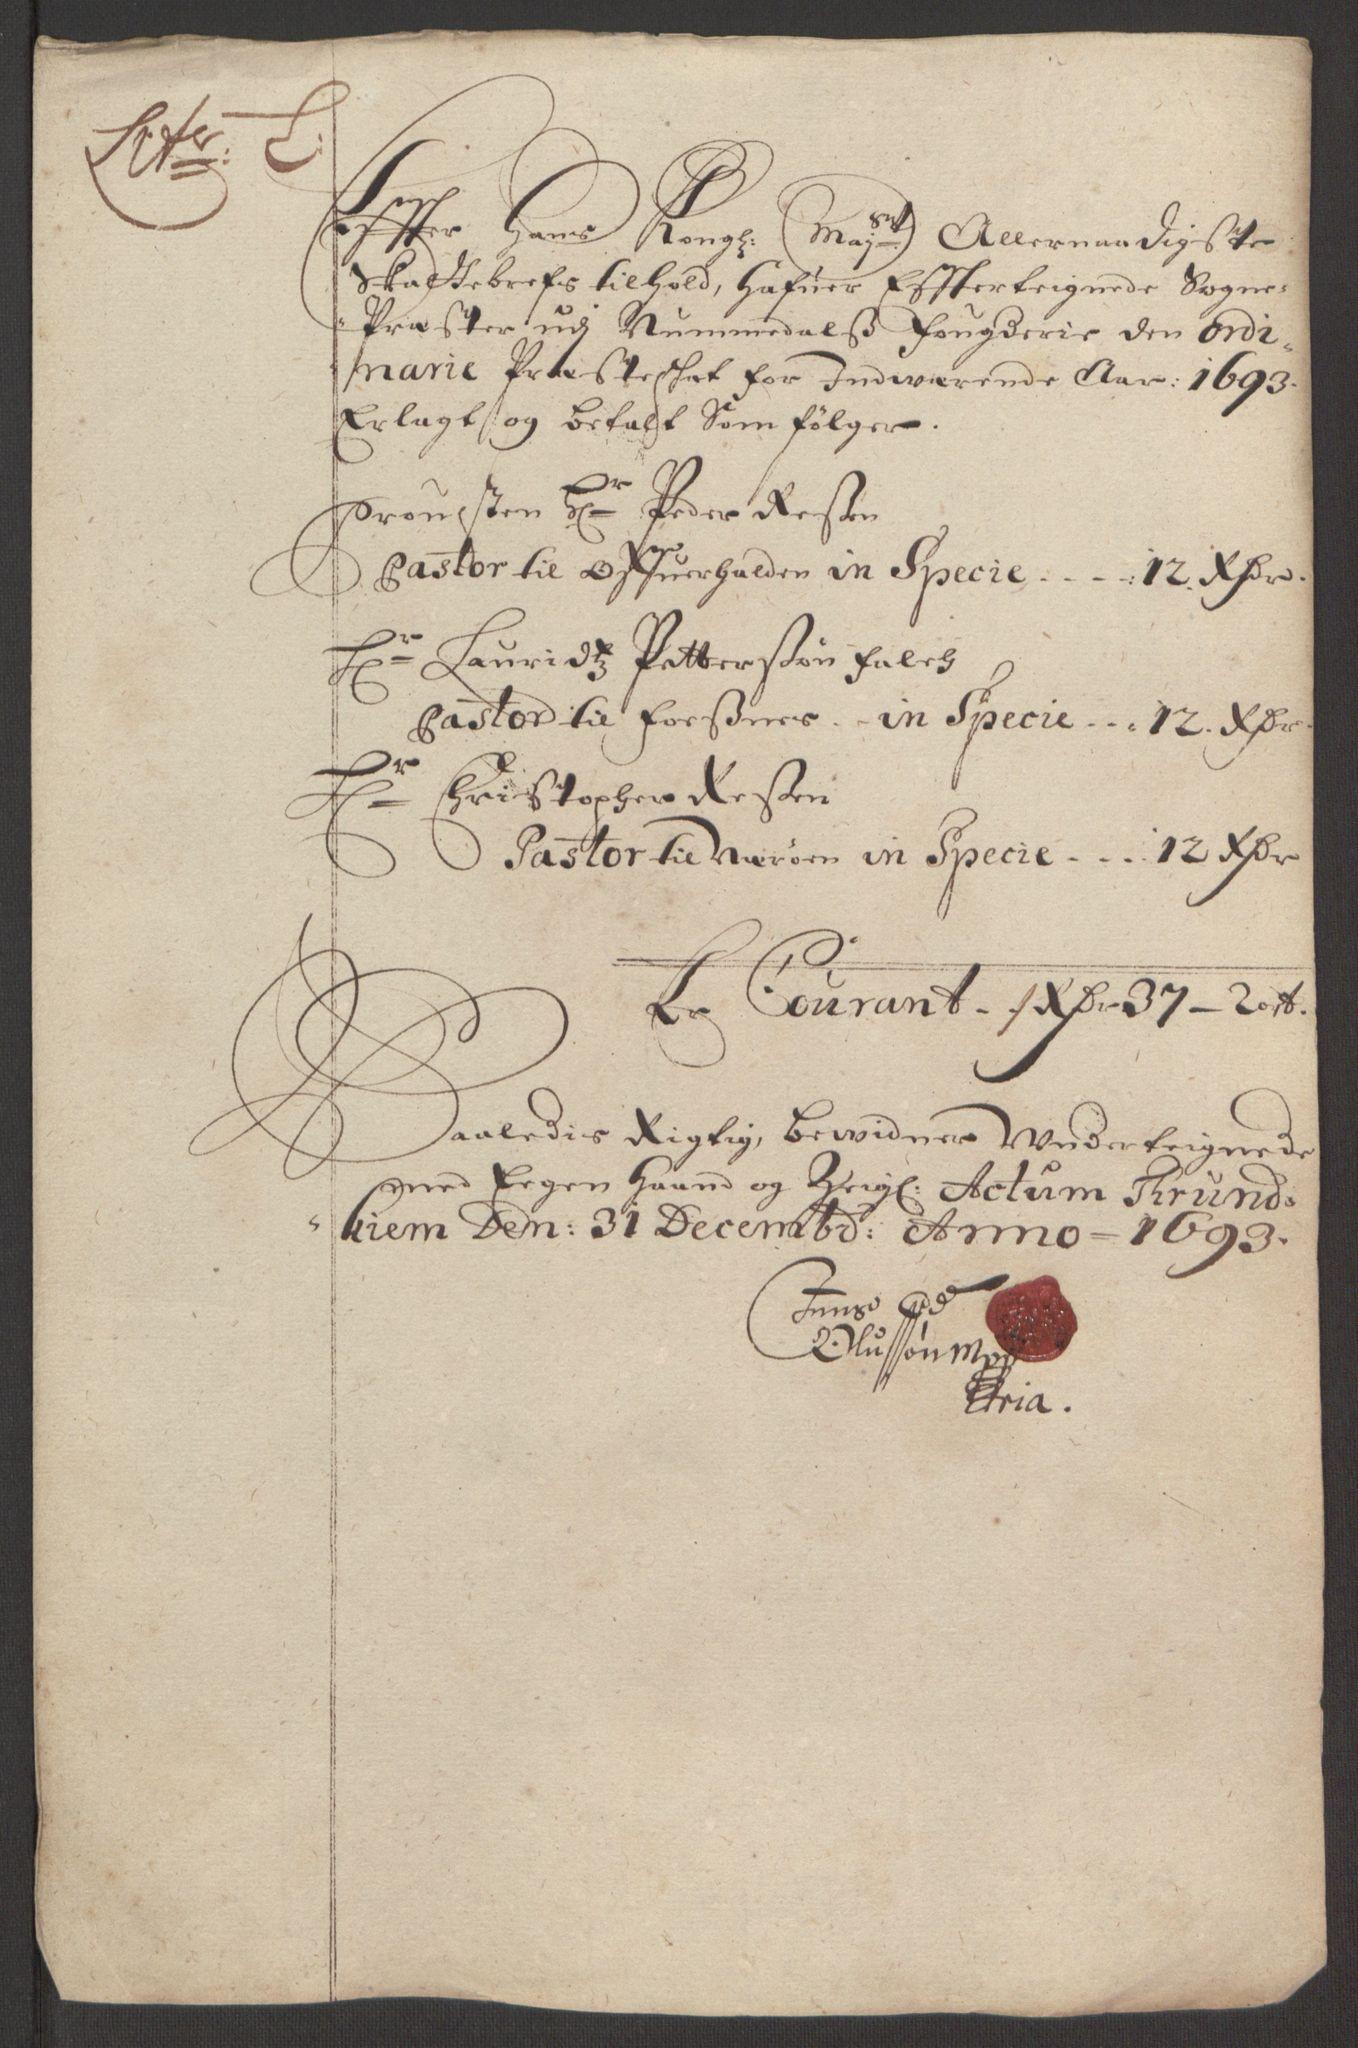 RA, Rentekammeret inntil 1814, Reviderte regnskaper, Fogderegnskap, R64/L4424: Fogderegnskap Namdal, 1692-1695, s. 305